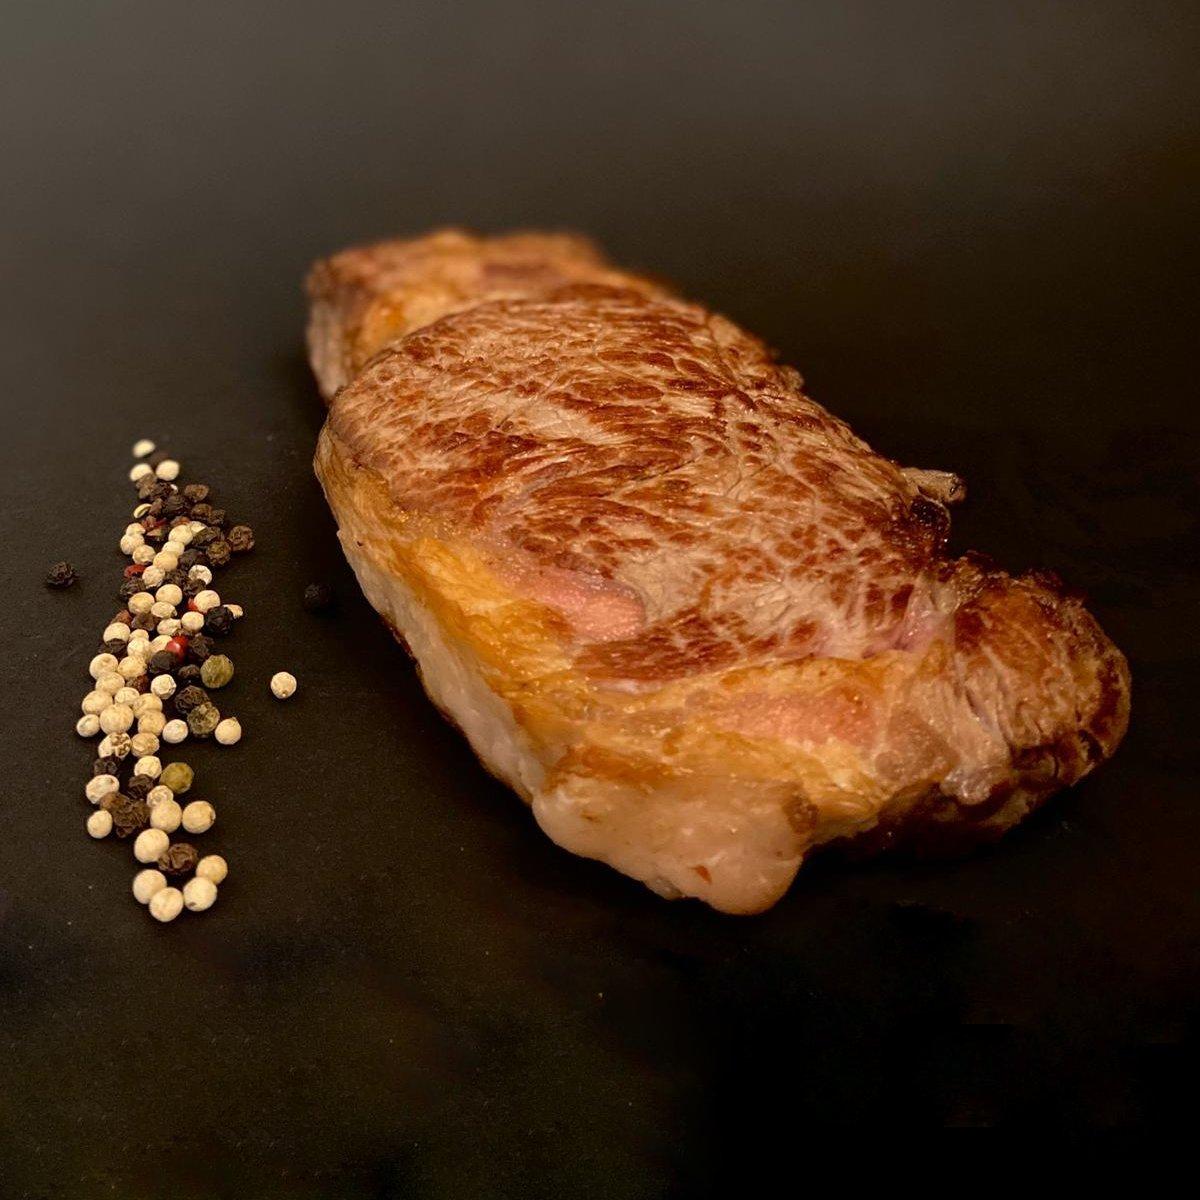 Dry Aged Roastbeef Steak fertig gebraten - Carneluja